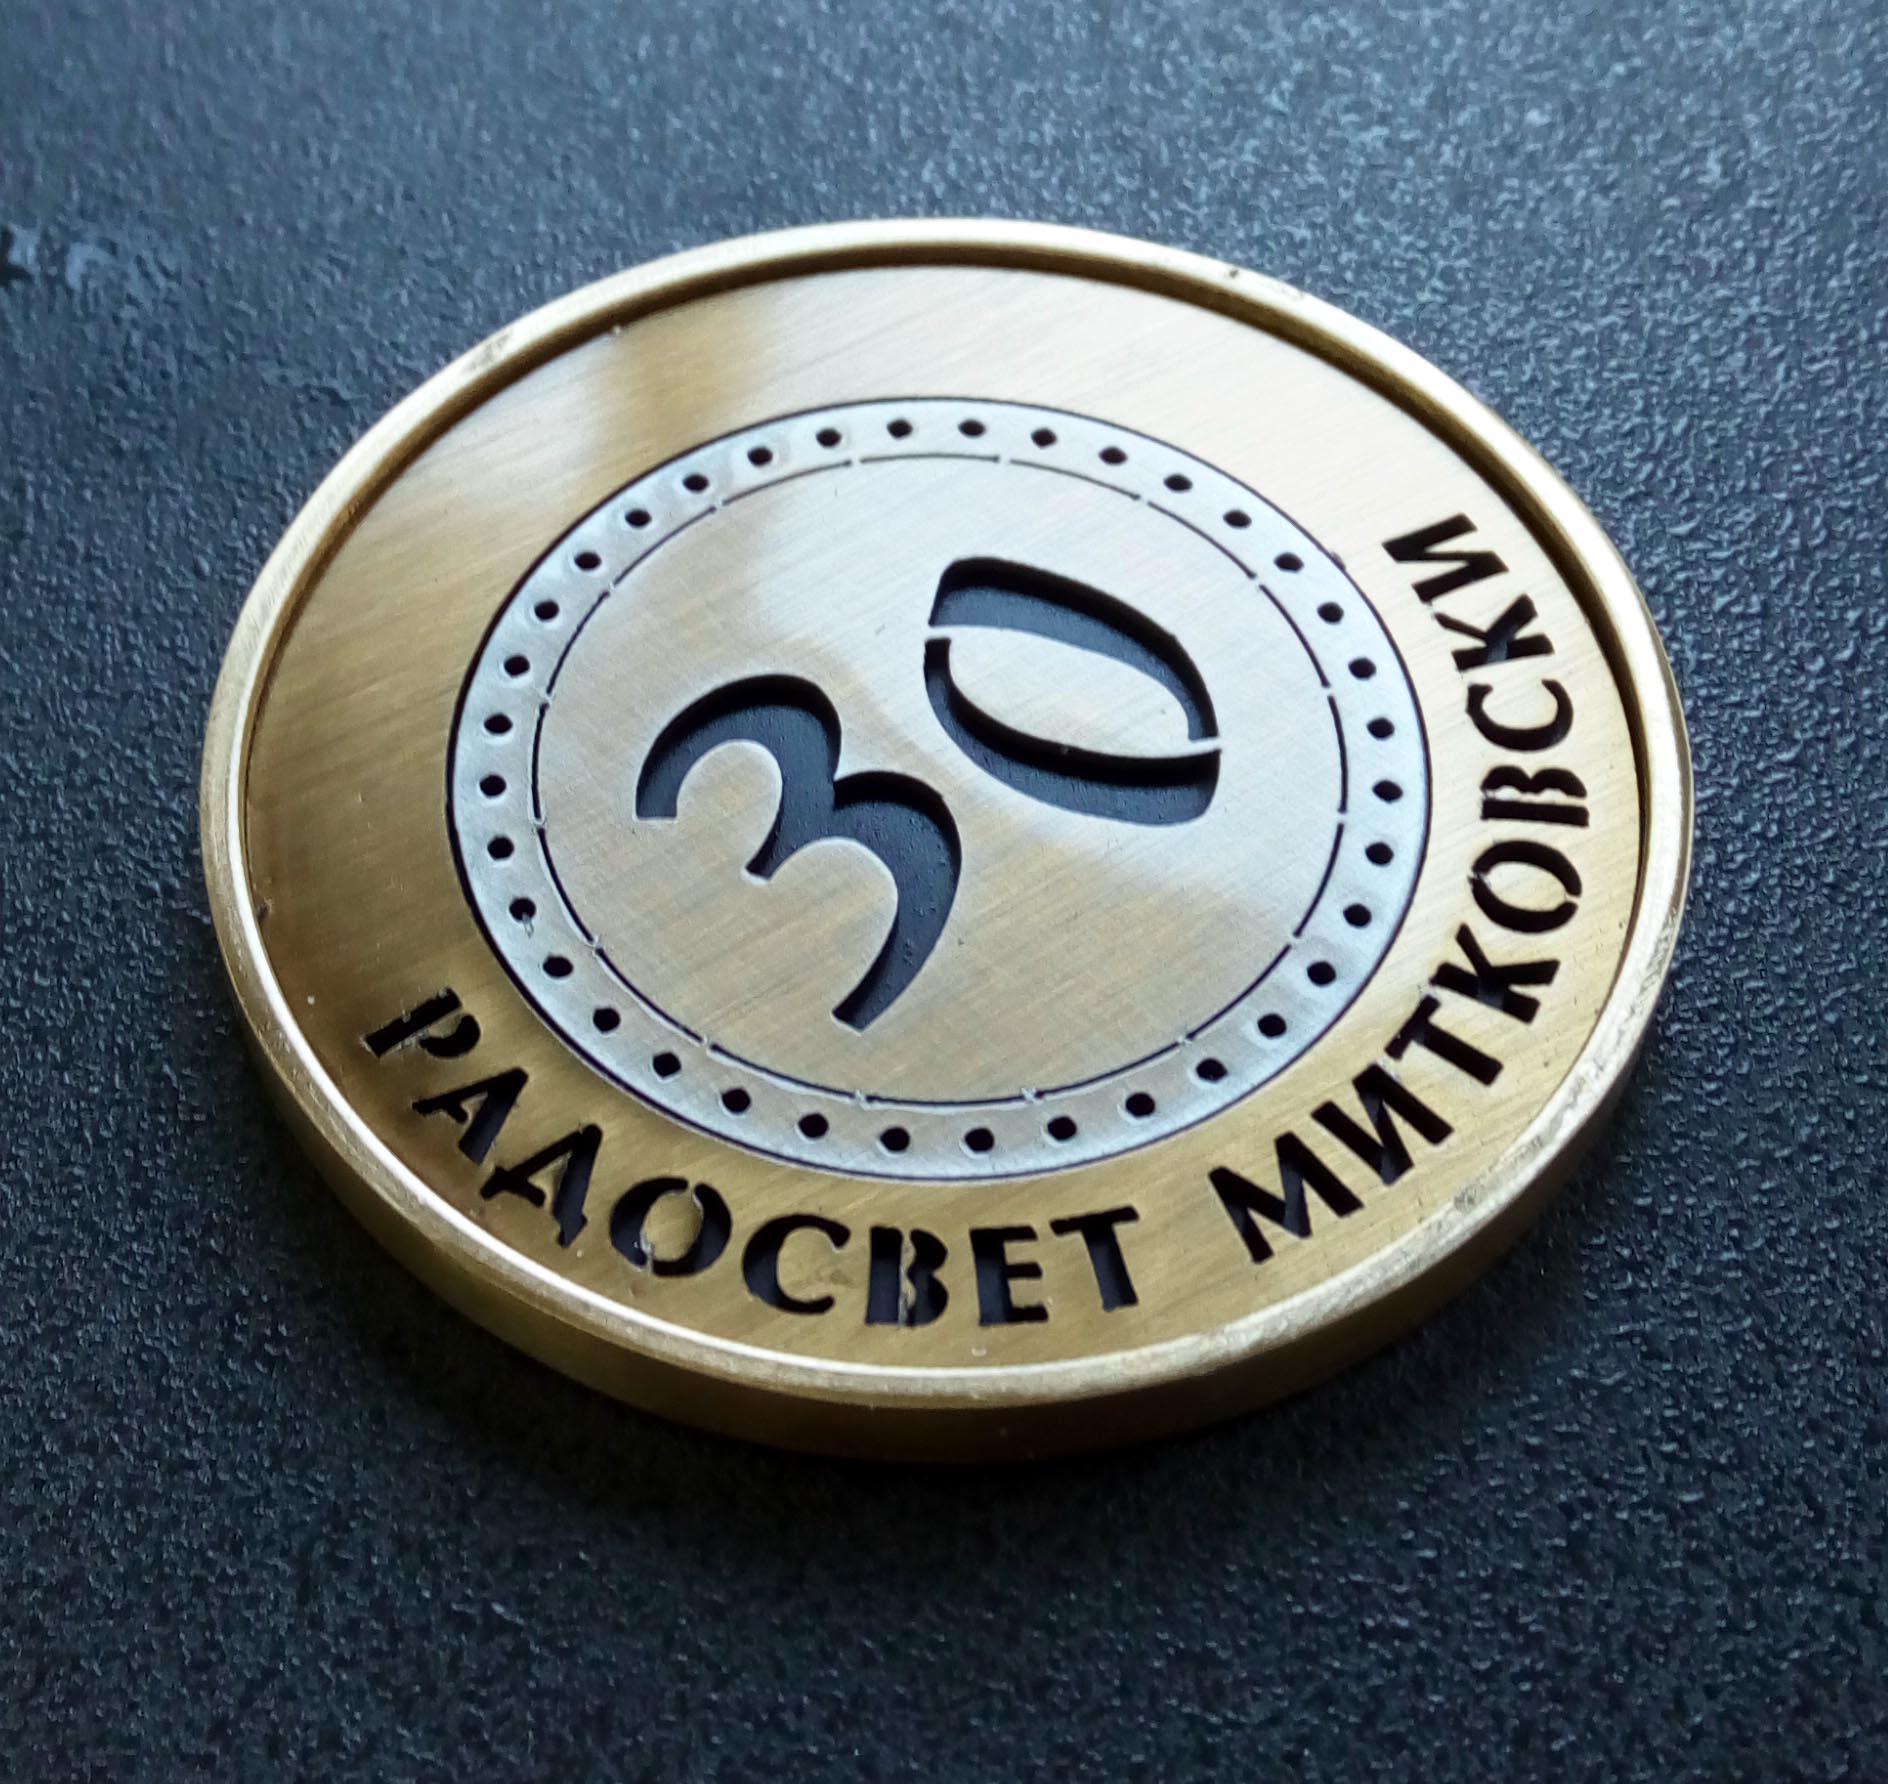 Двуслойна подаръчна монета - лице